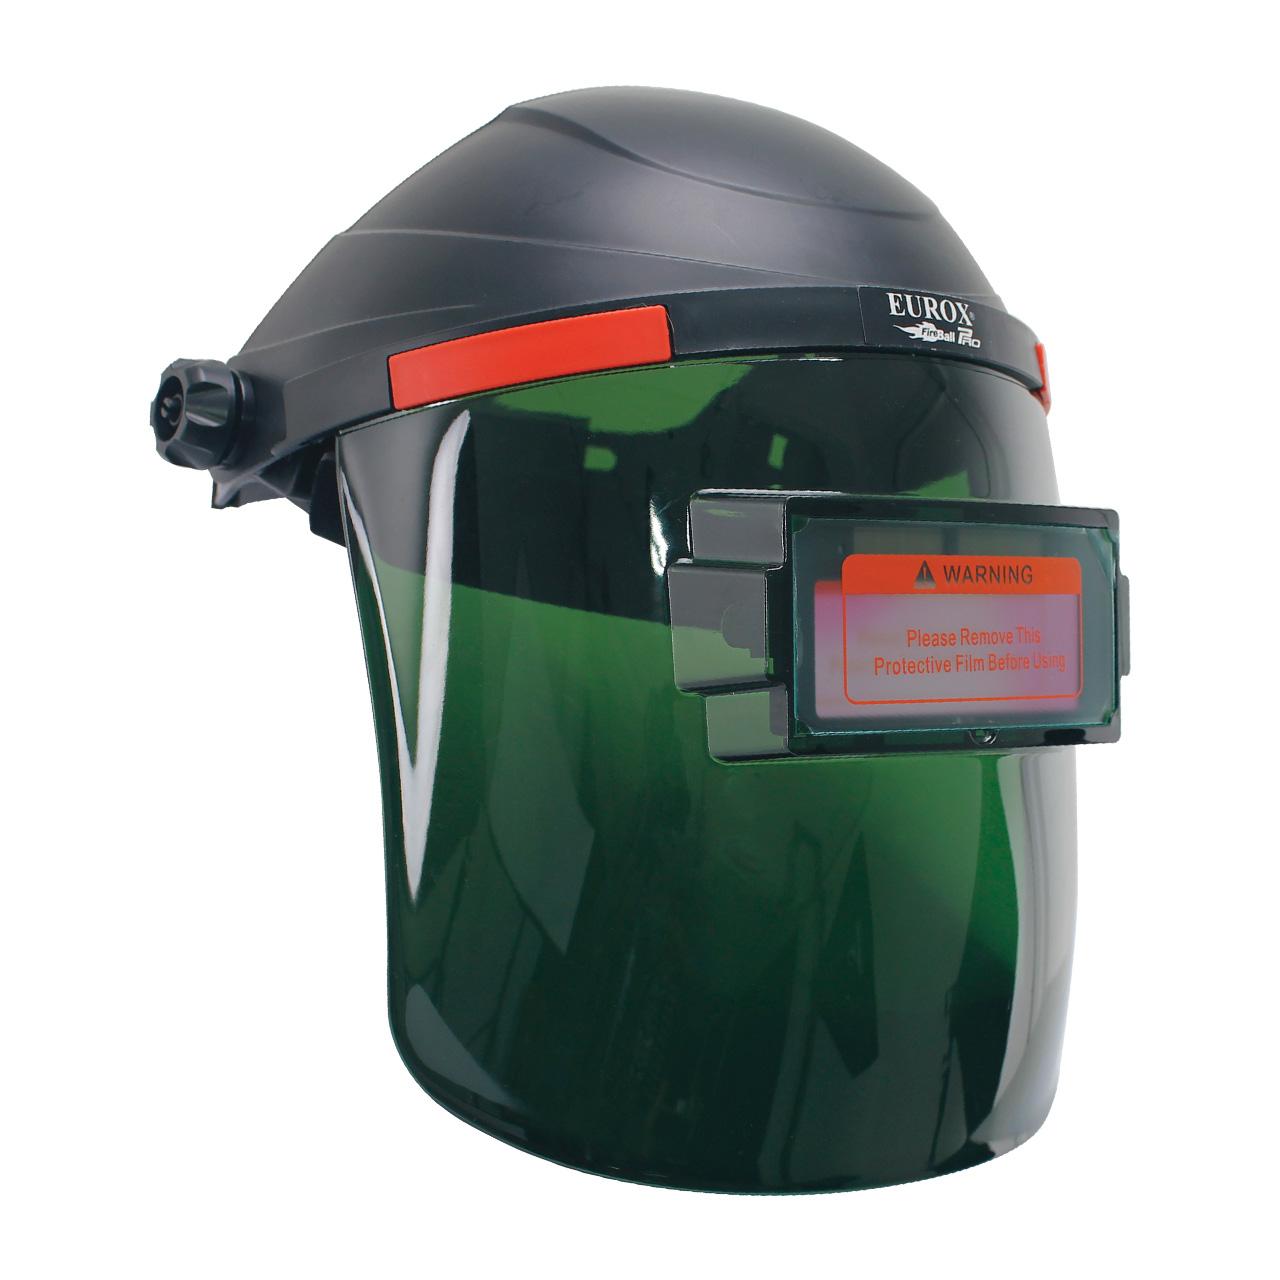 EUROX หน้ากากเชื่อมปรับเลนส์อัตโนมัติ (AUTO)